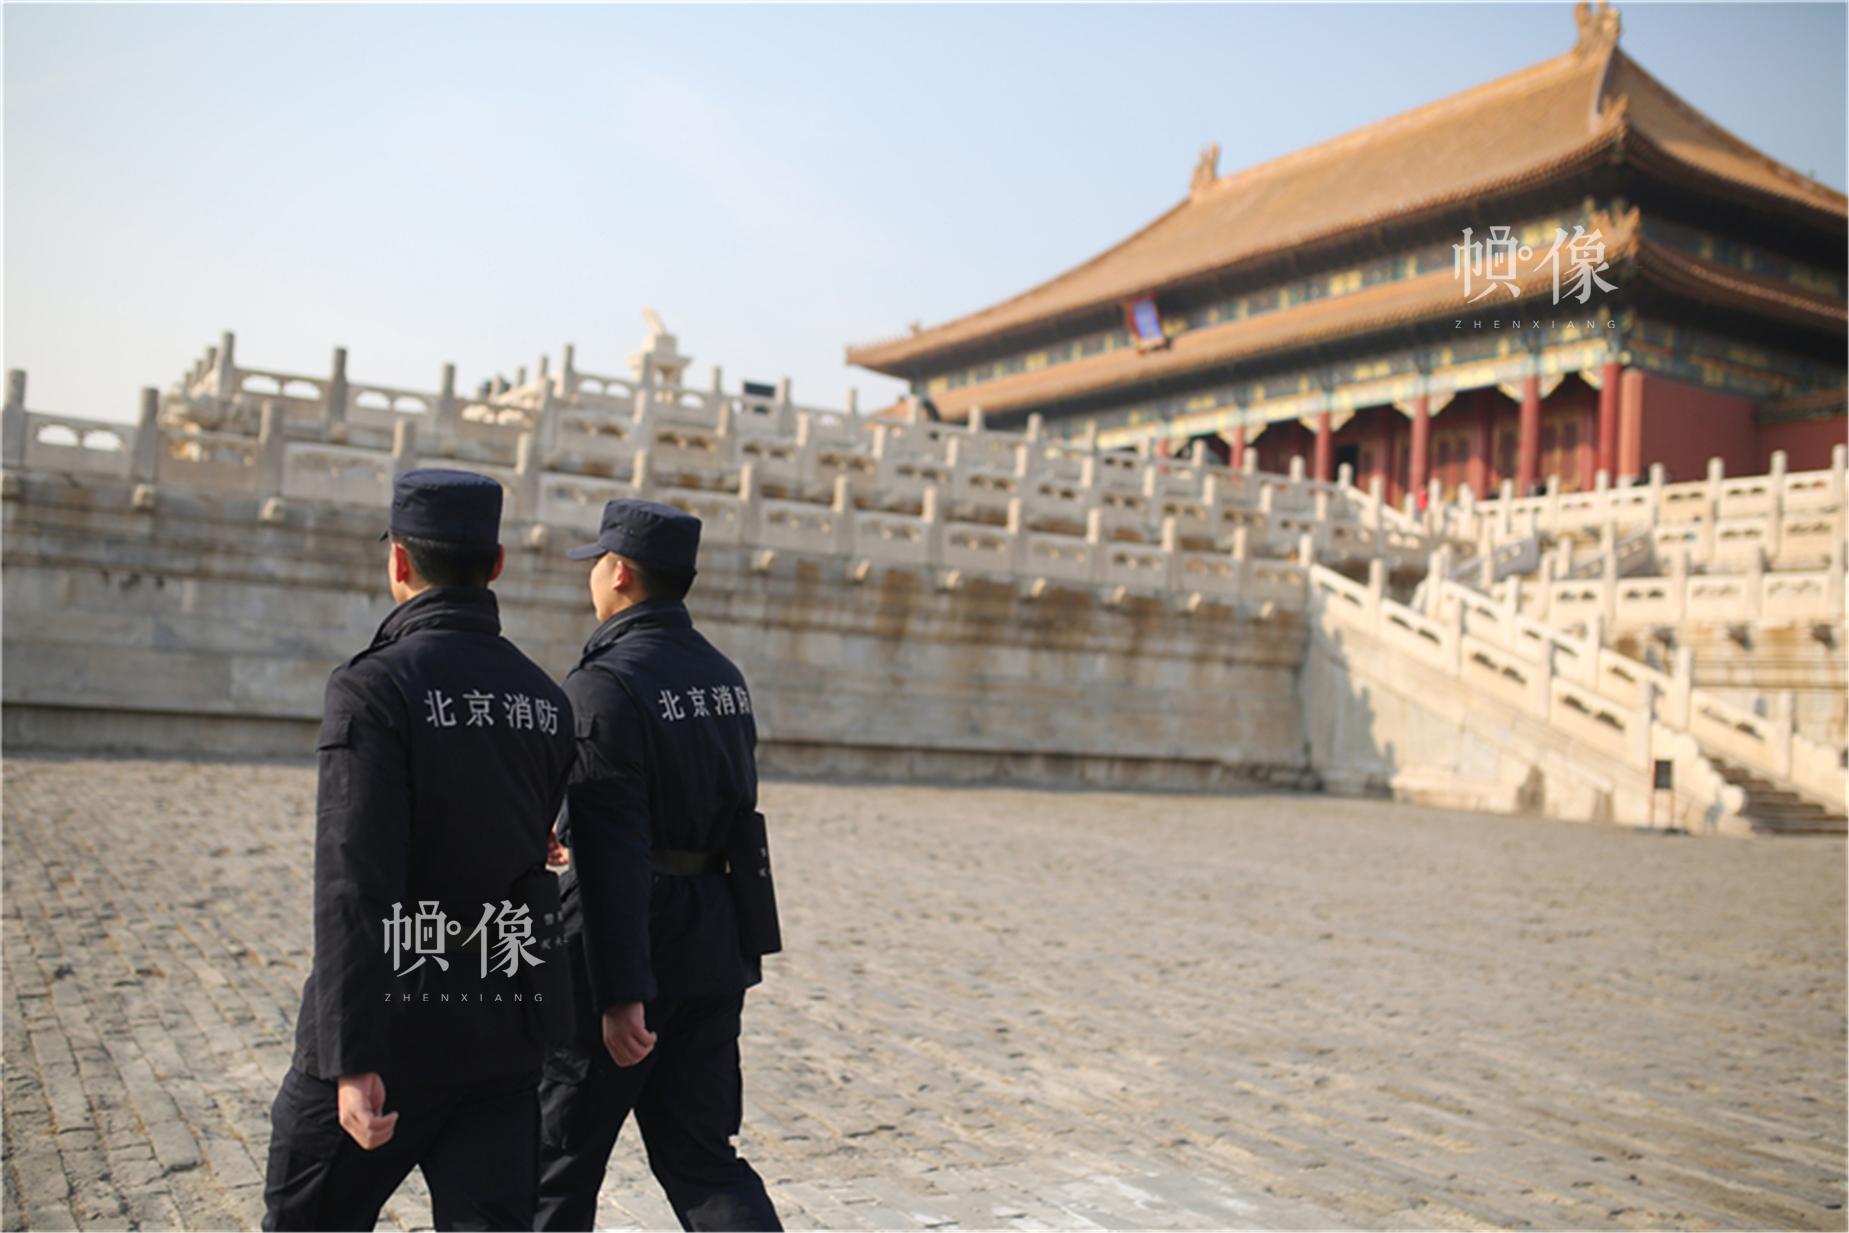 故宫消防中队巡查员在太和殿前巡逻。